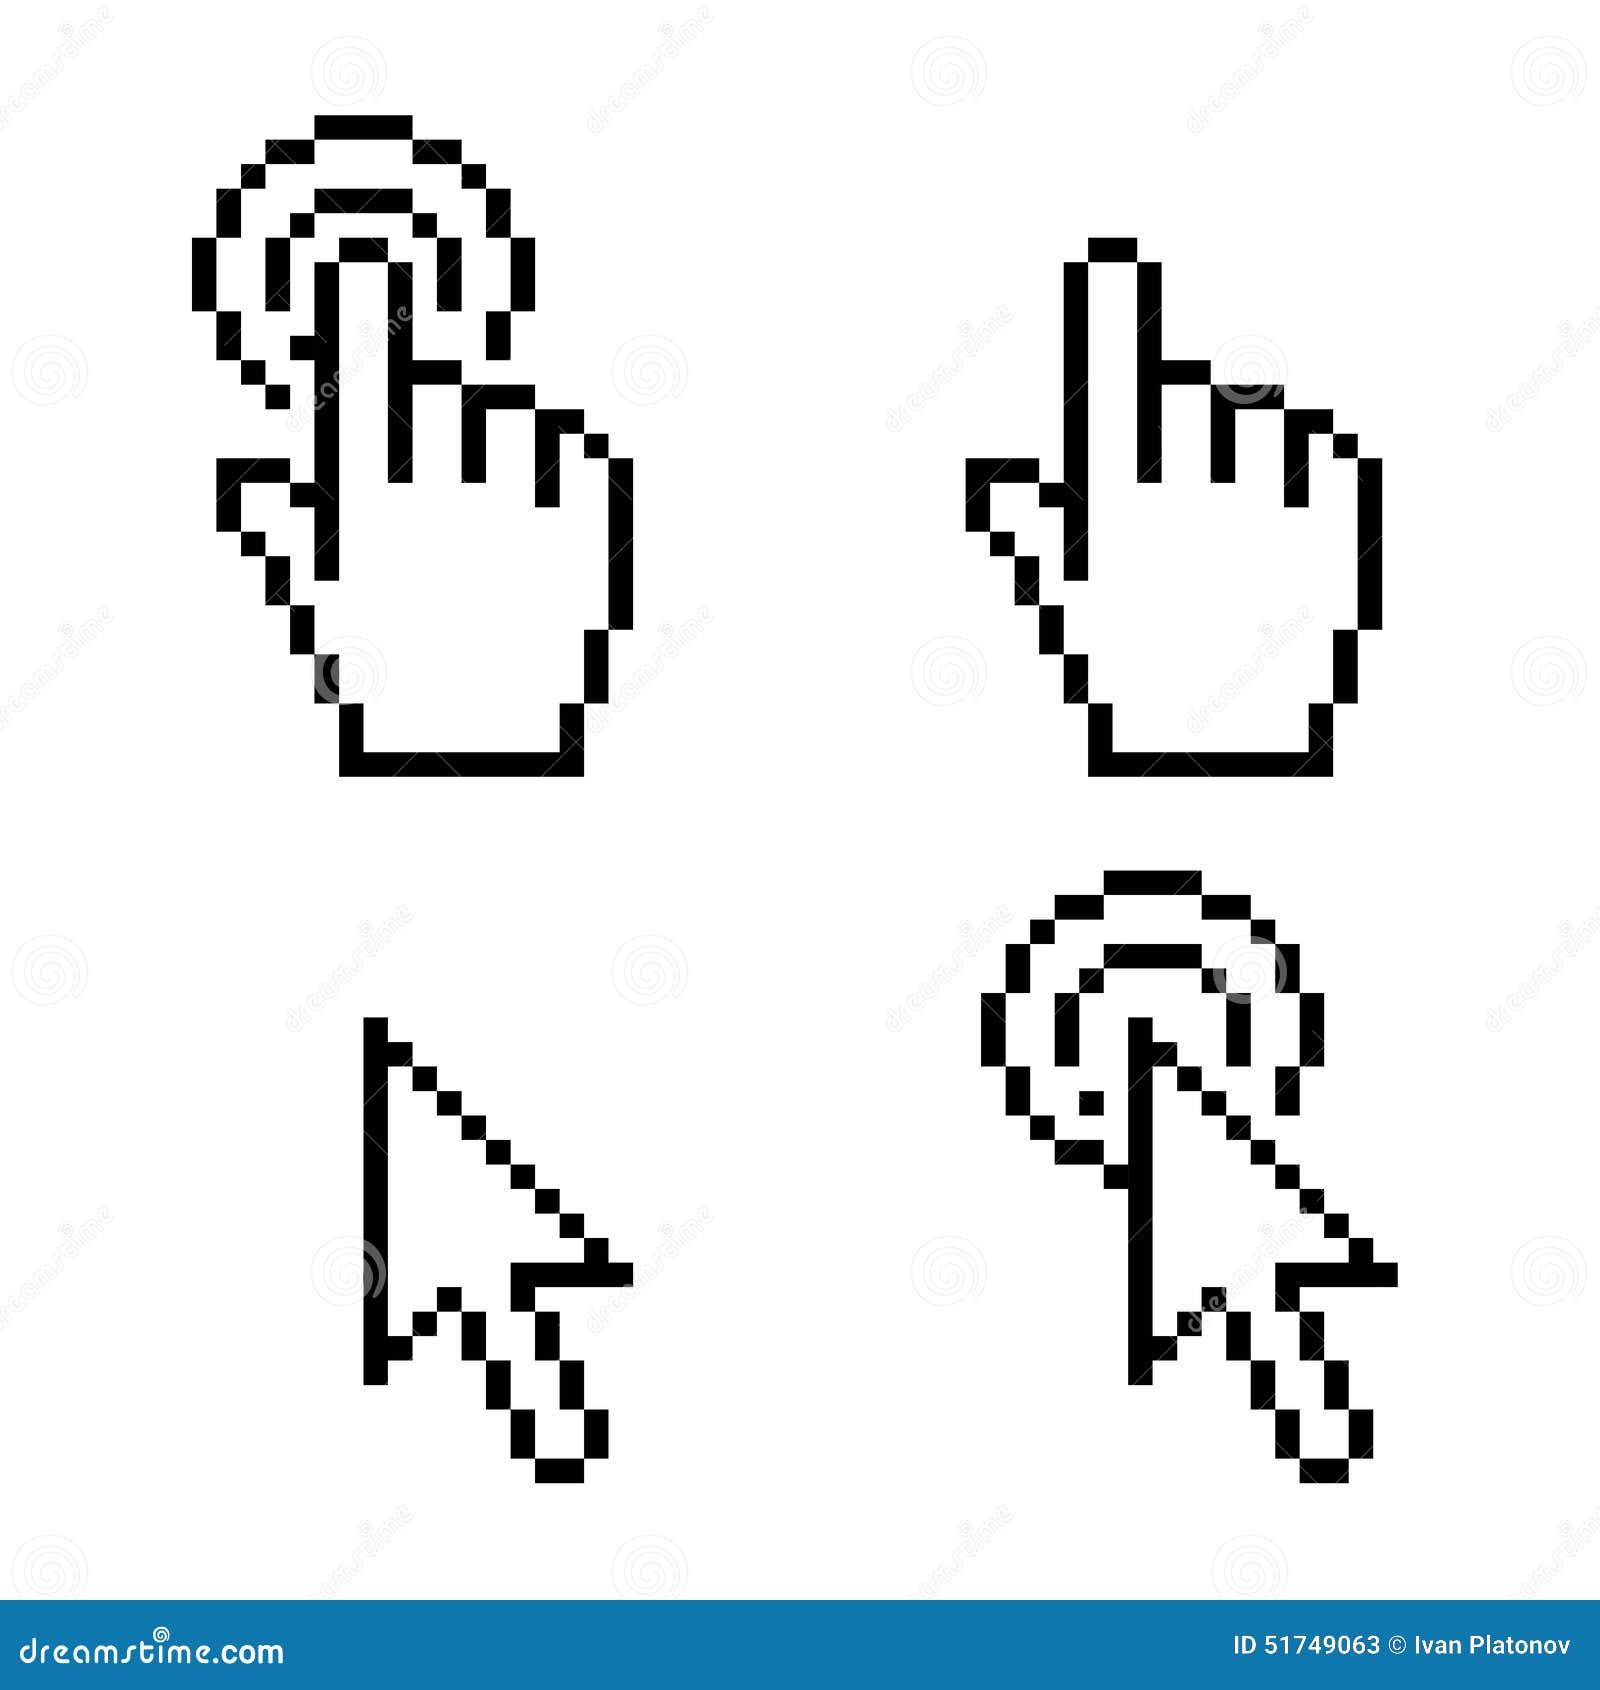 Анимация картинок при наведении курсора